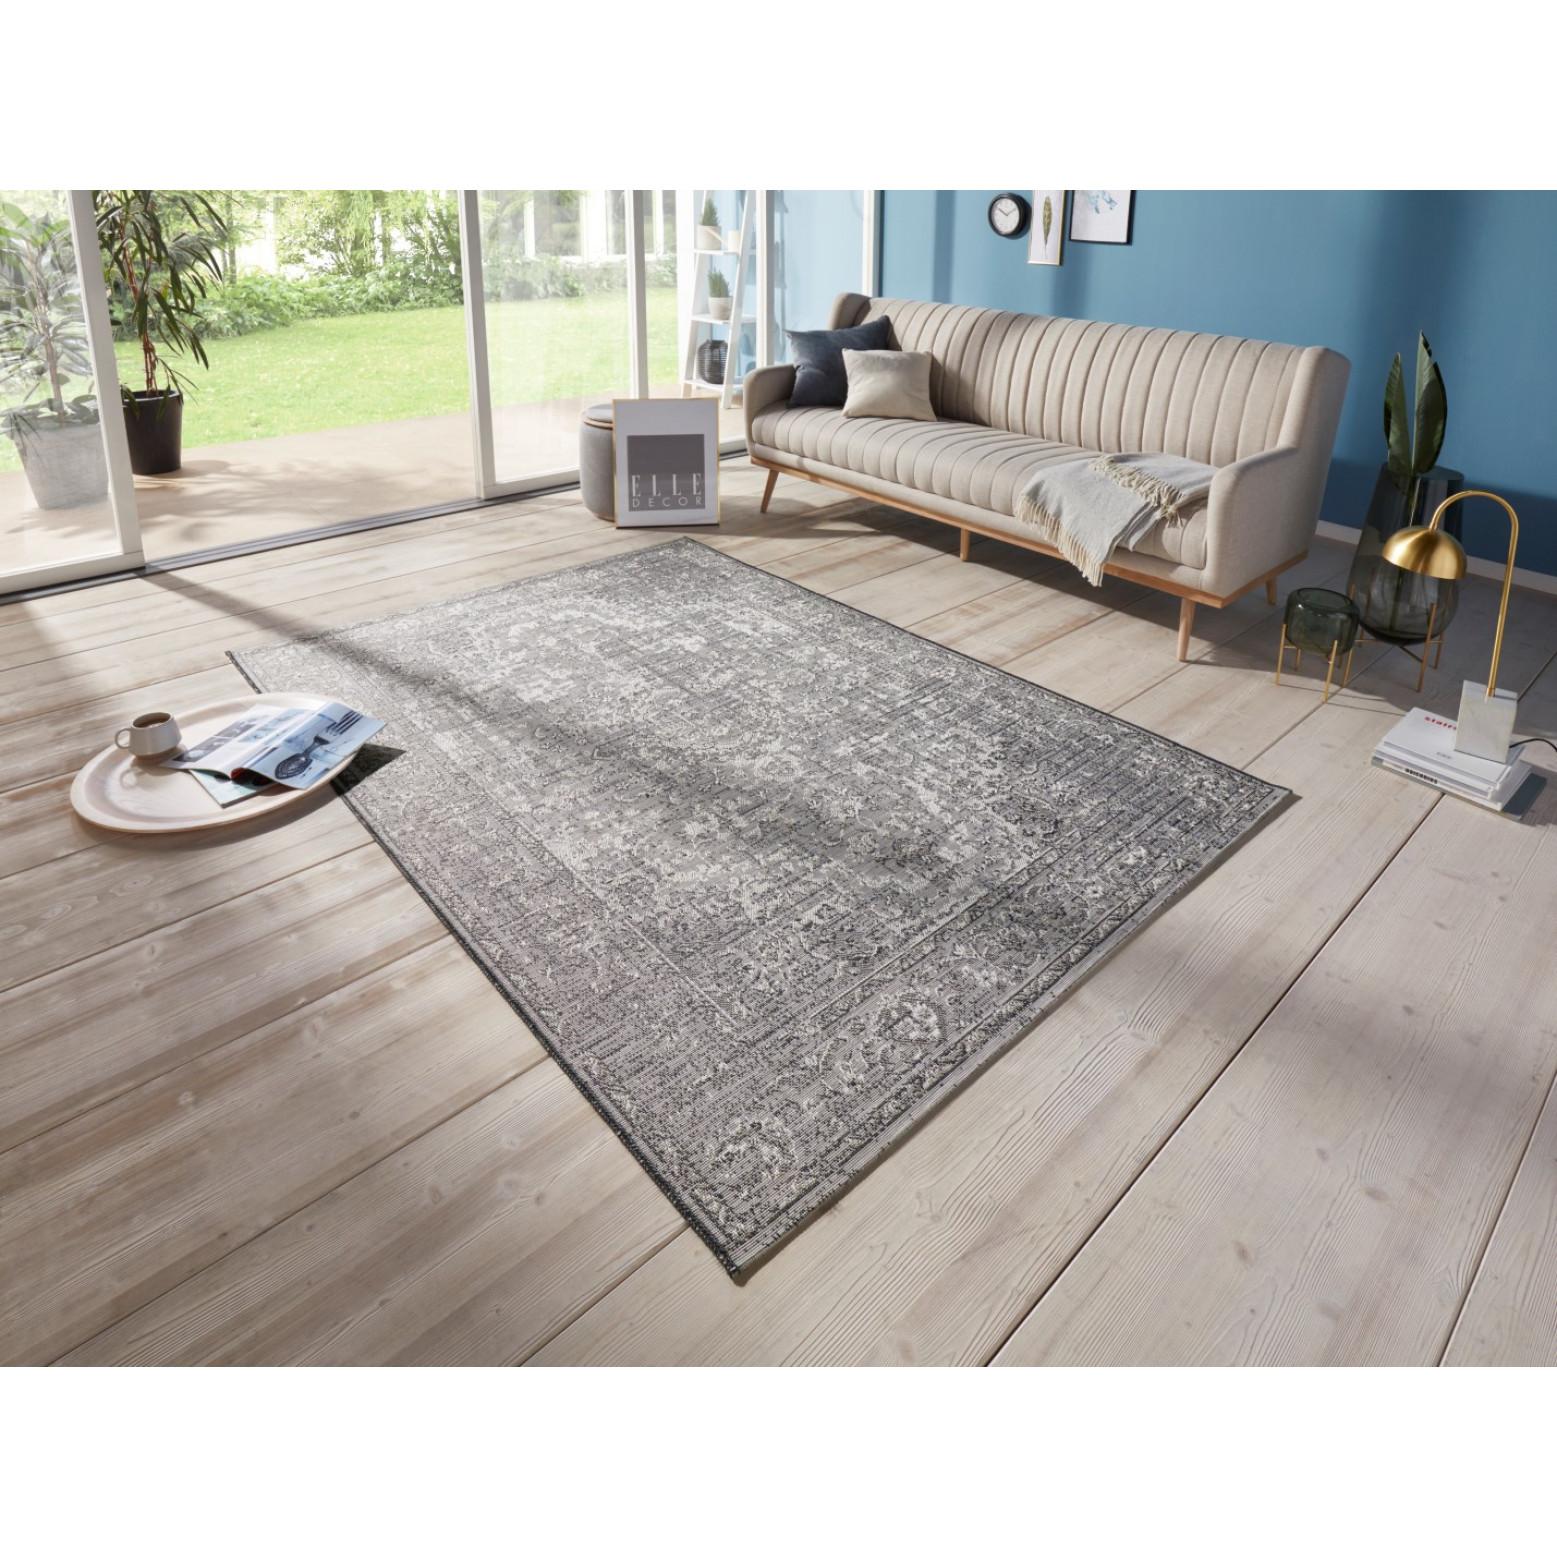 Flachgewebter In- & Outdoor-Teppich Cenon   Grau